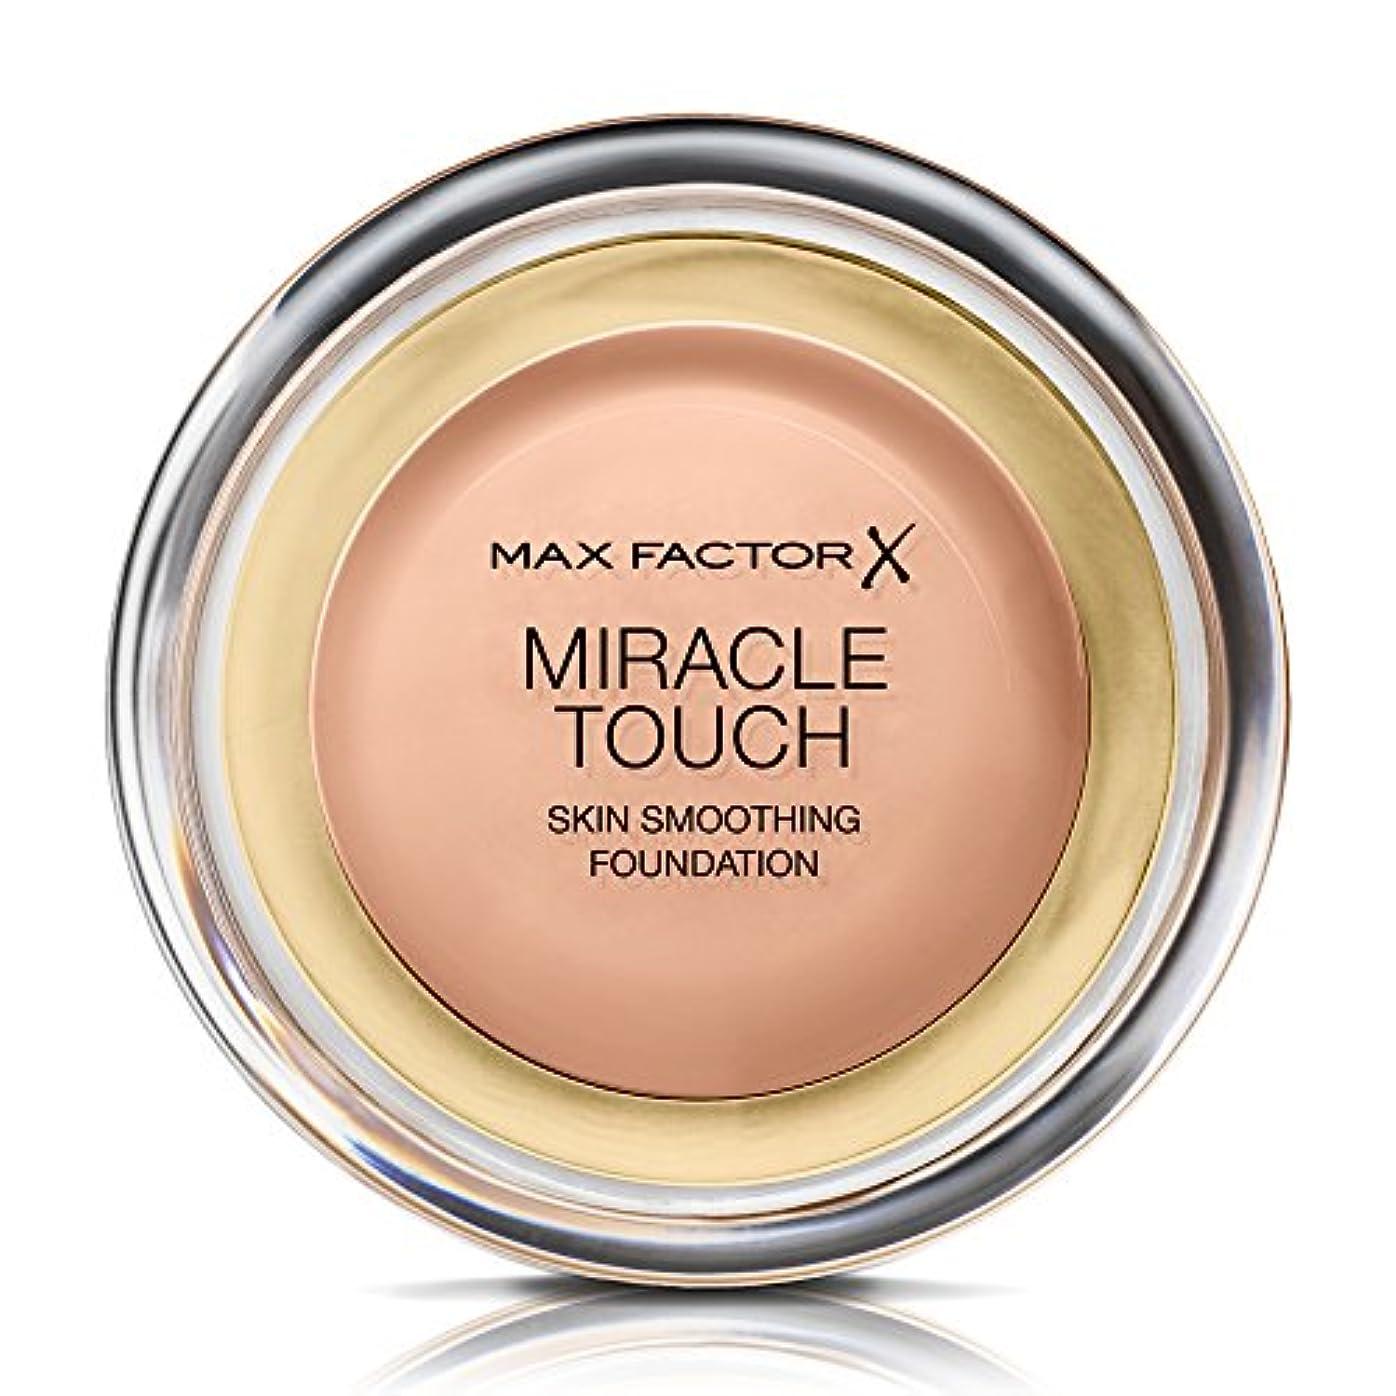 造船ユニークな後マックス ファクター ミラクル タッチ スキン スムーズ ファウンデーション - ブラシング ベージュ Max Factor Miracle Touch Skin Smoothing Foundation - Blushing...